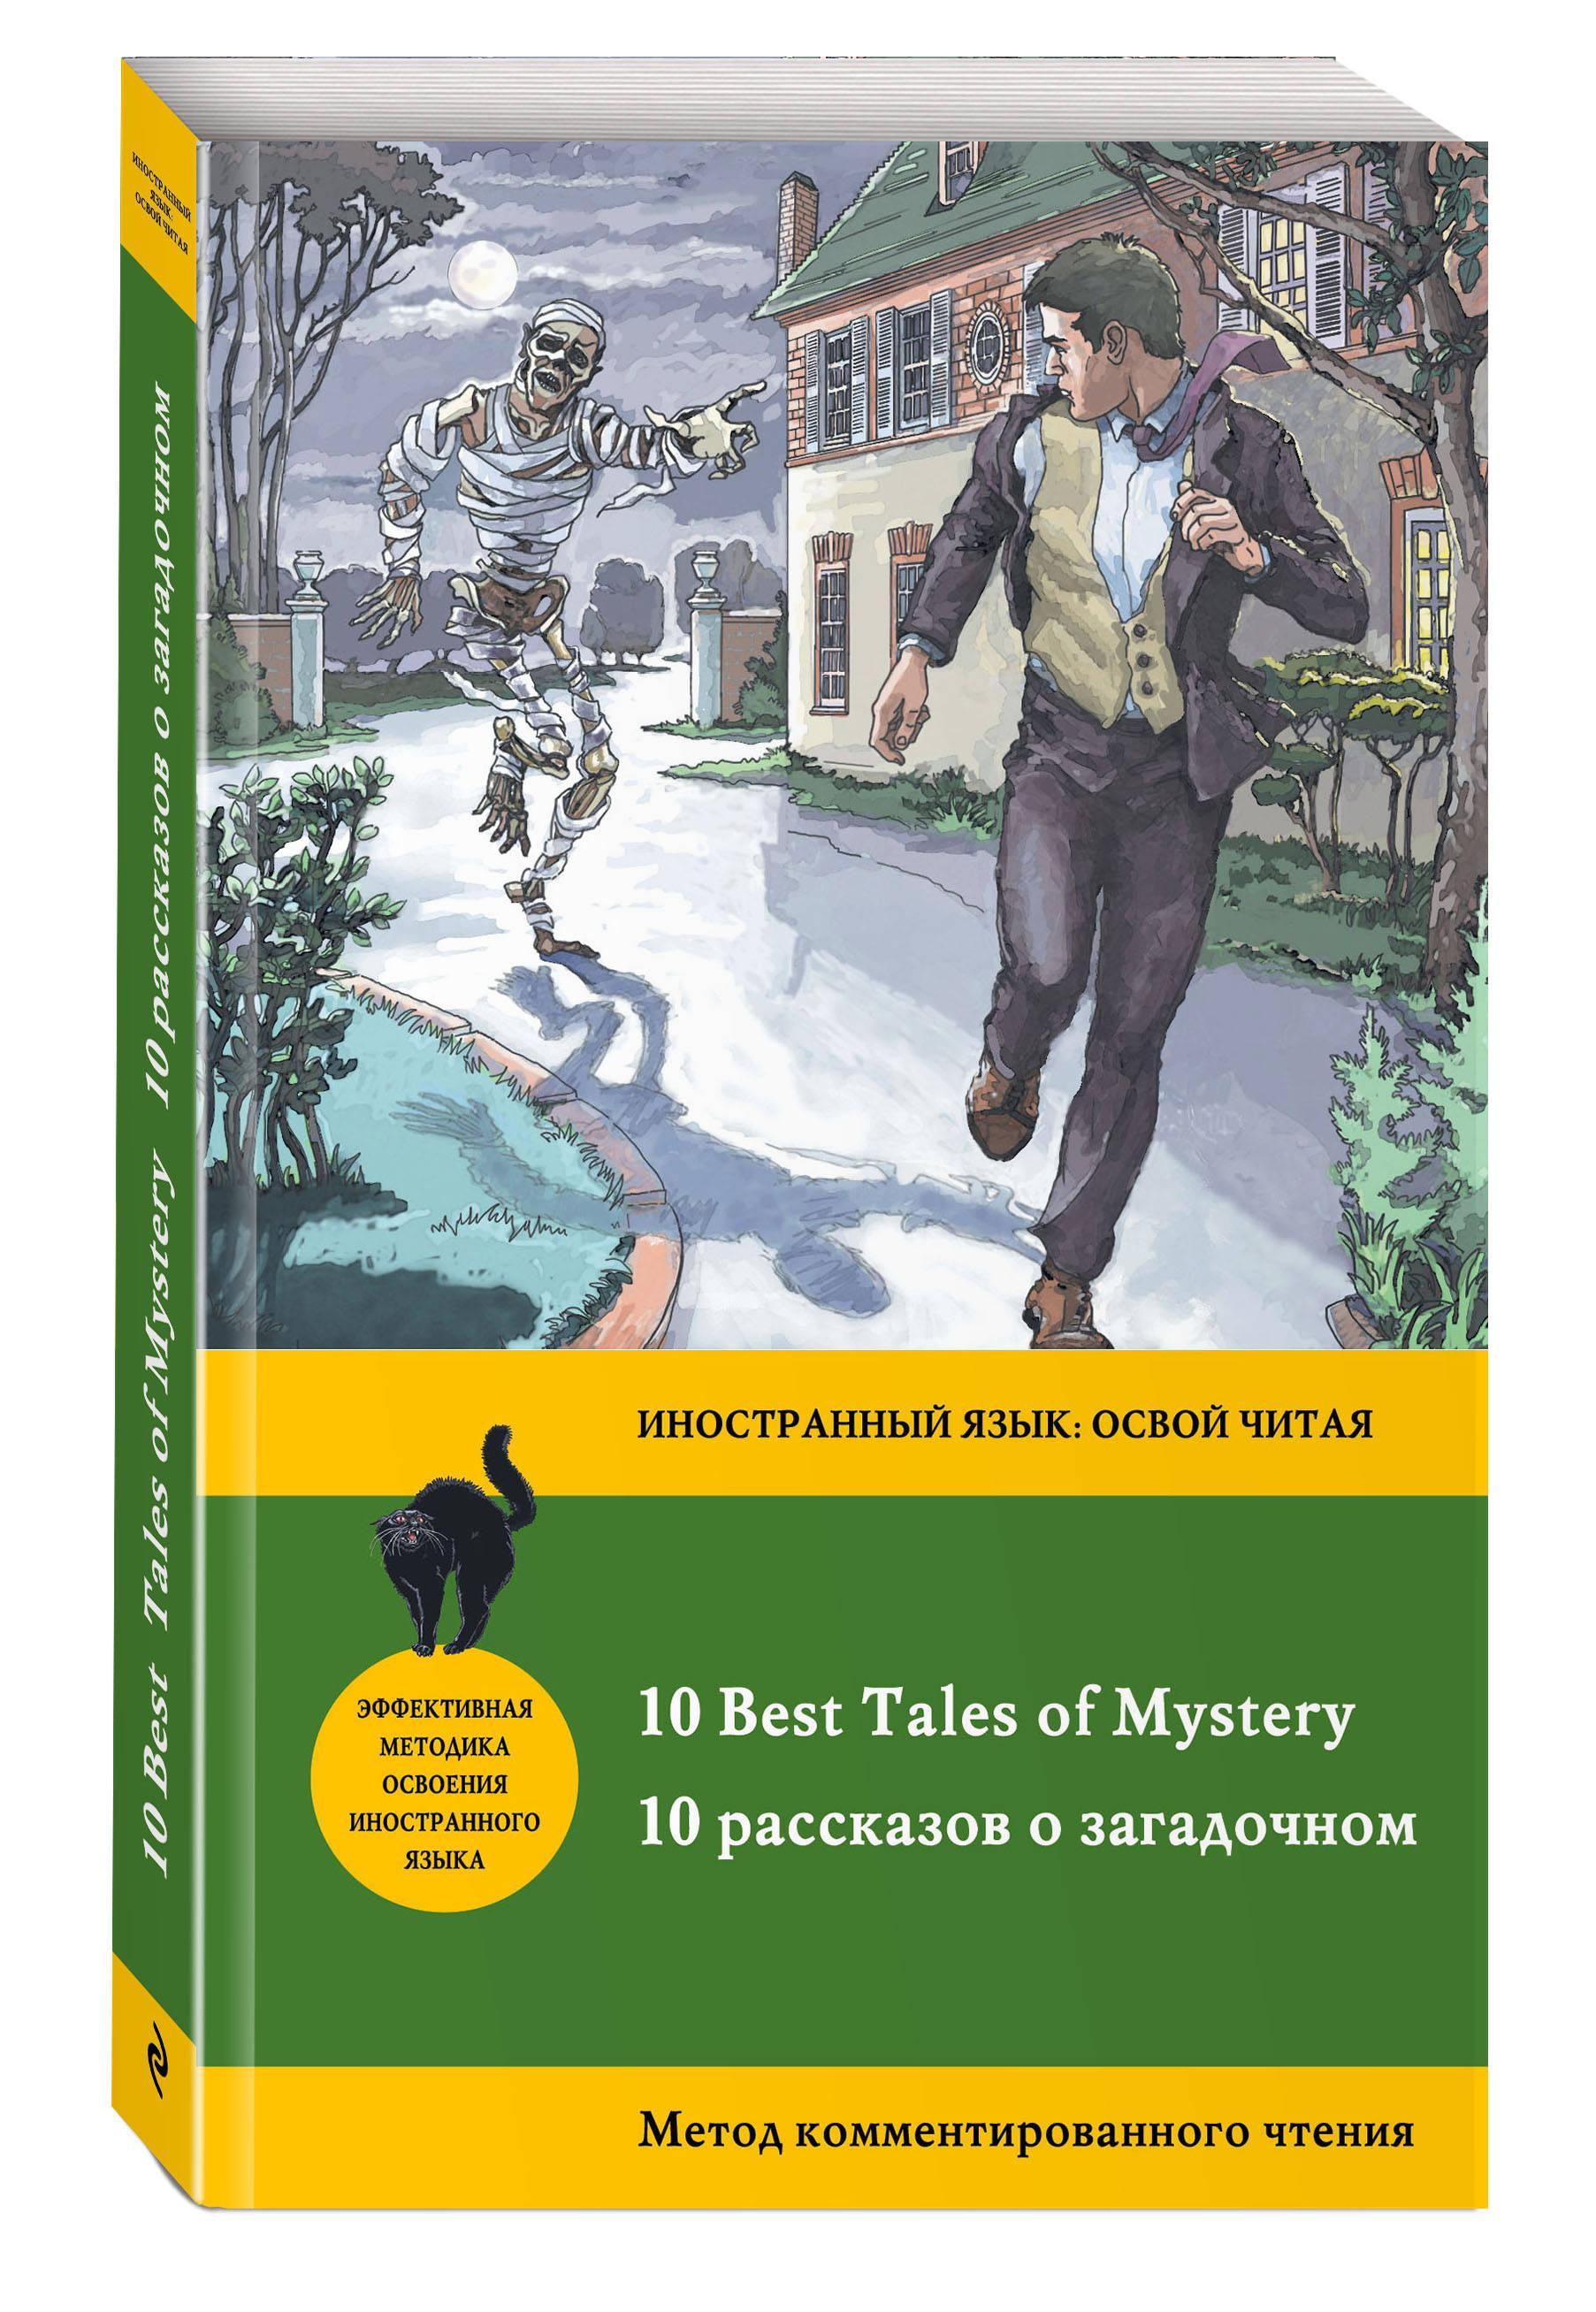 10 рассказов о загадочном = 10 Best Tales of Mystery: метод комментированного чтения ( Бенсон Э.Ф., Бирс А., Дойл А.  )